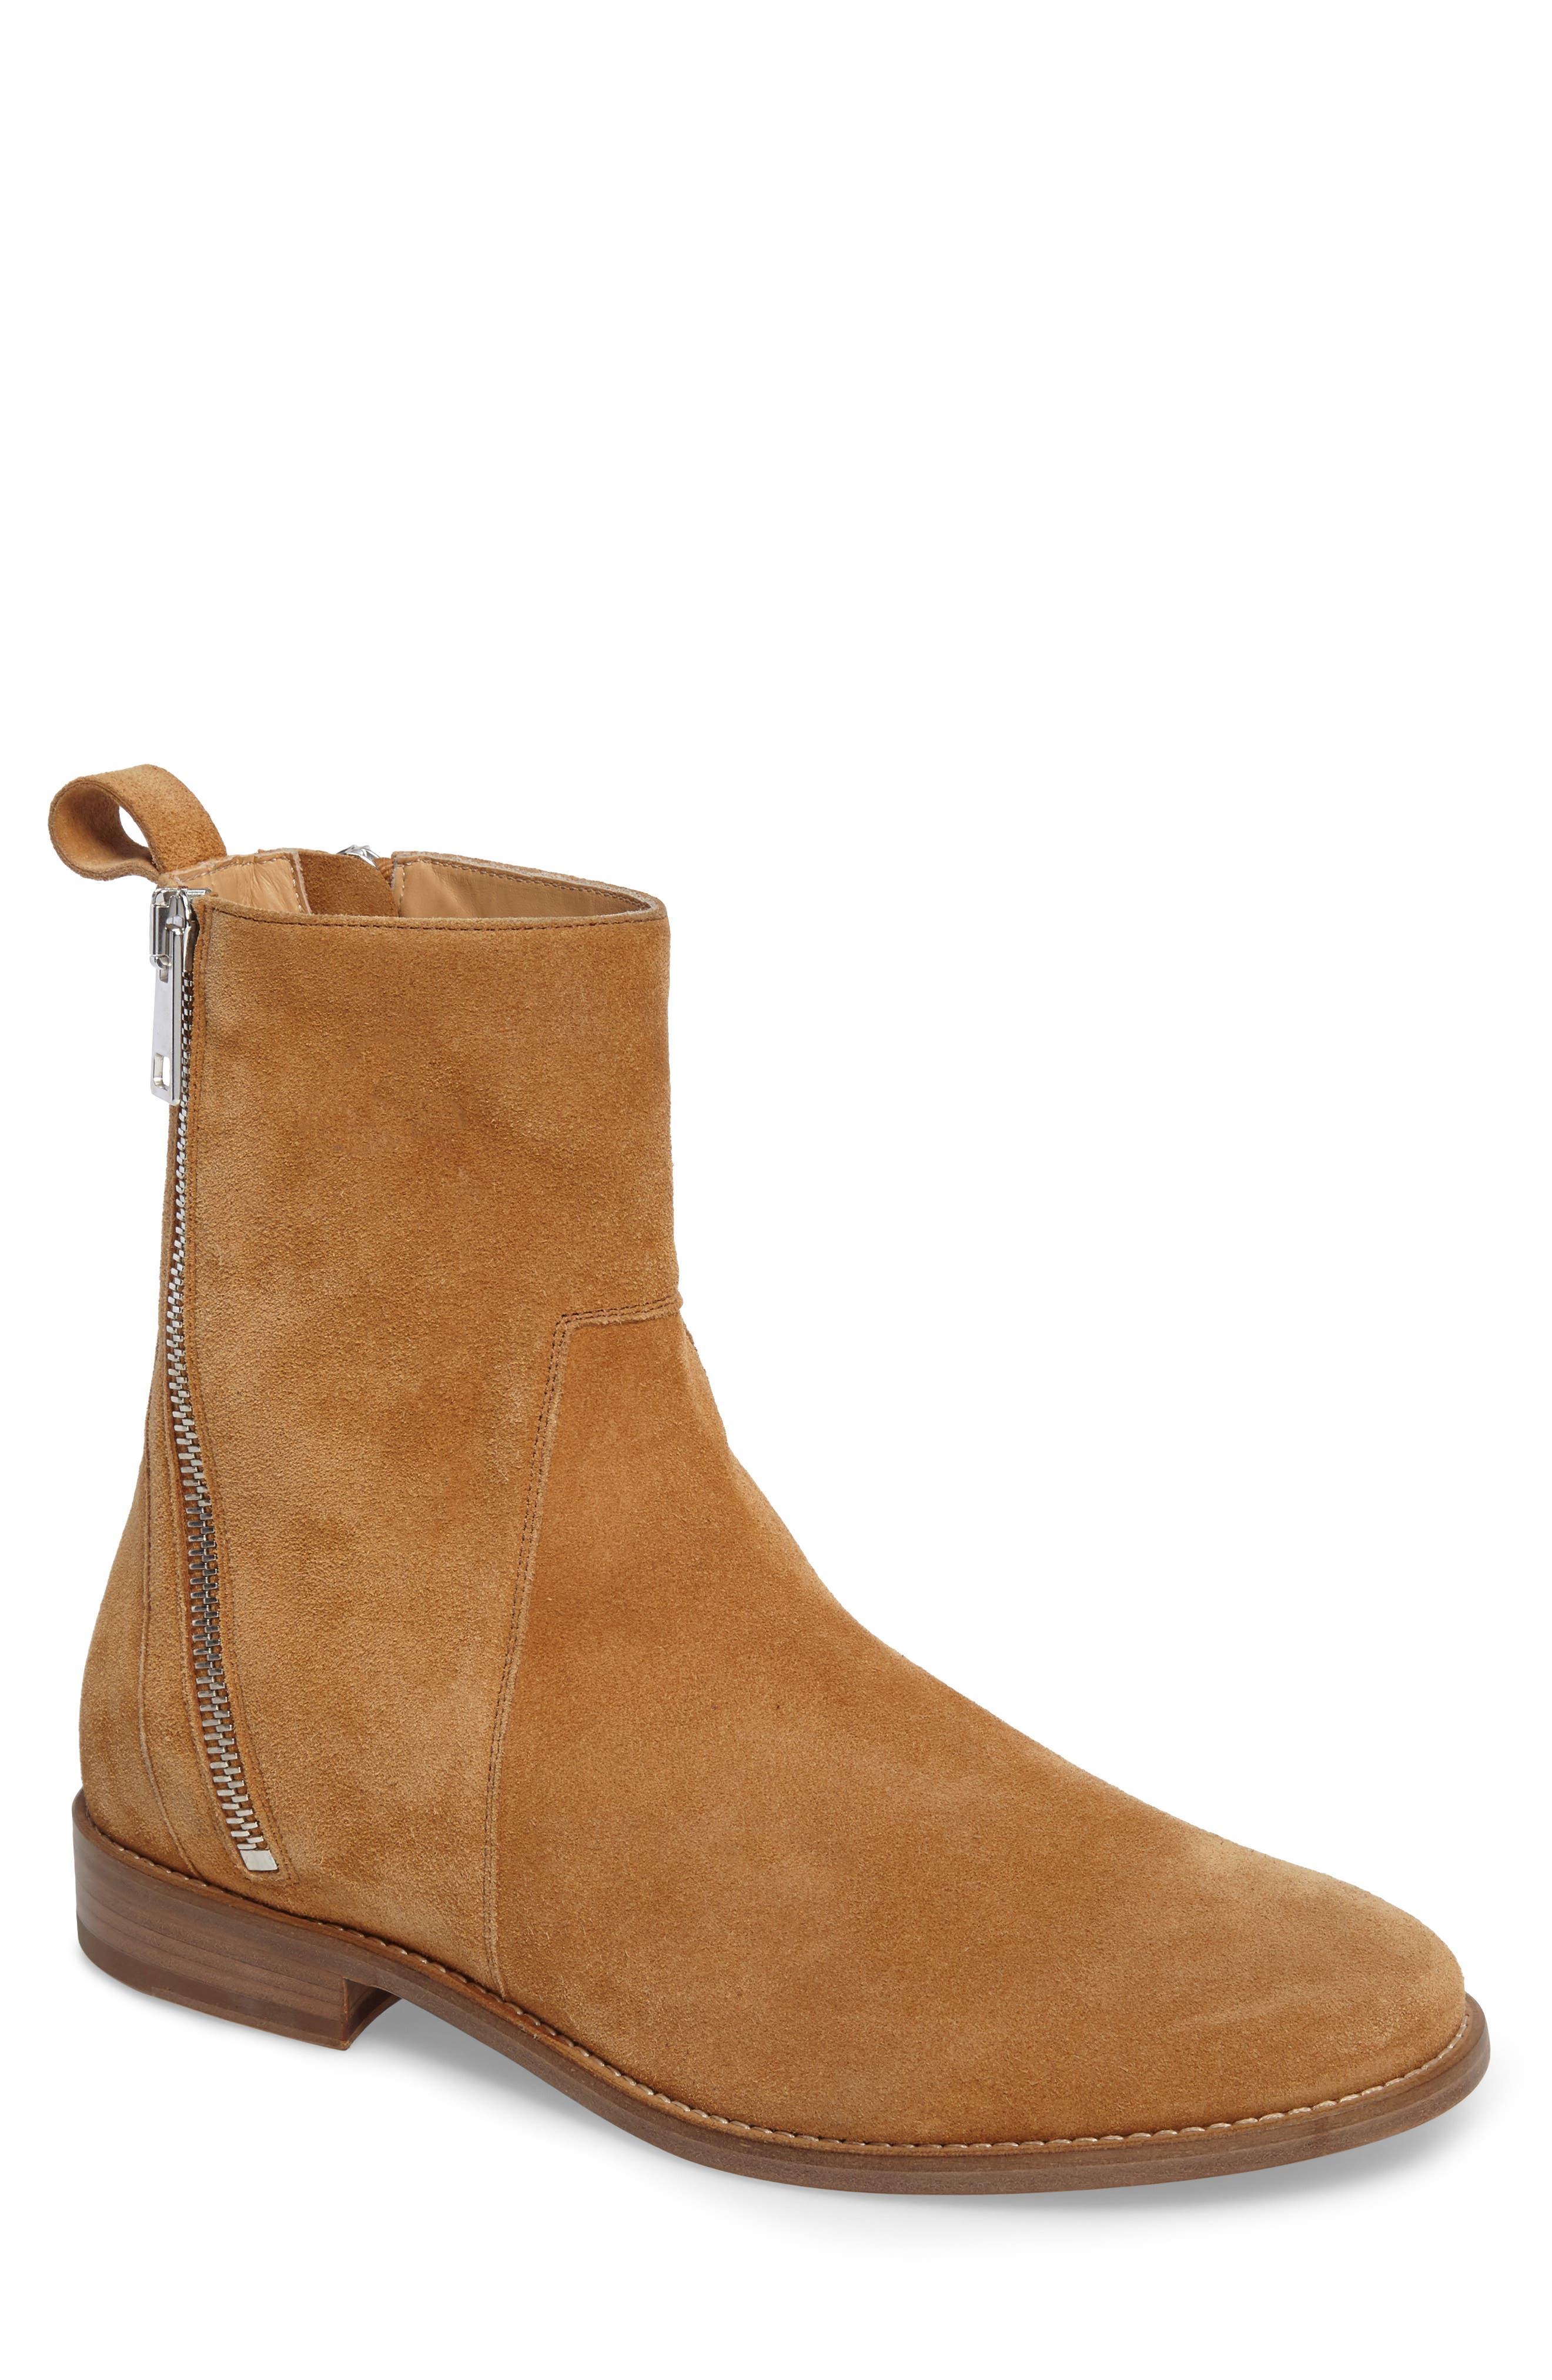 Alternate Image 1 Selected - Represent Zip Boot (Men)